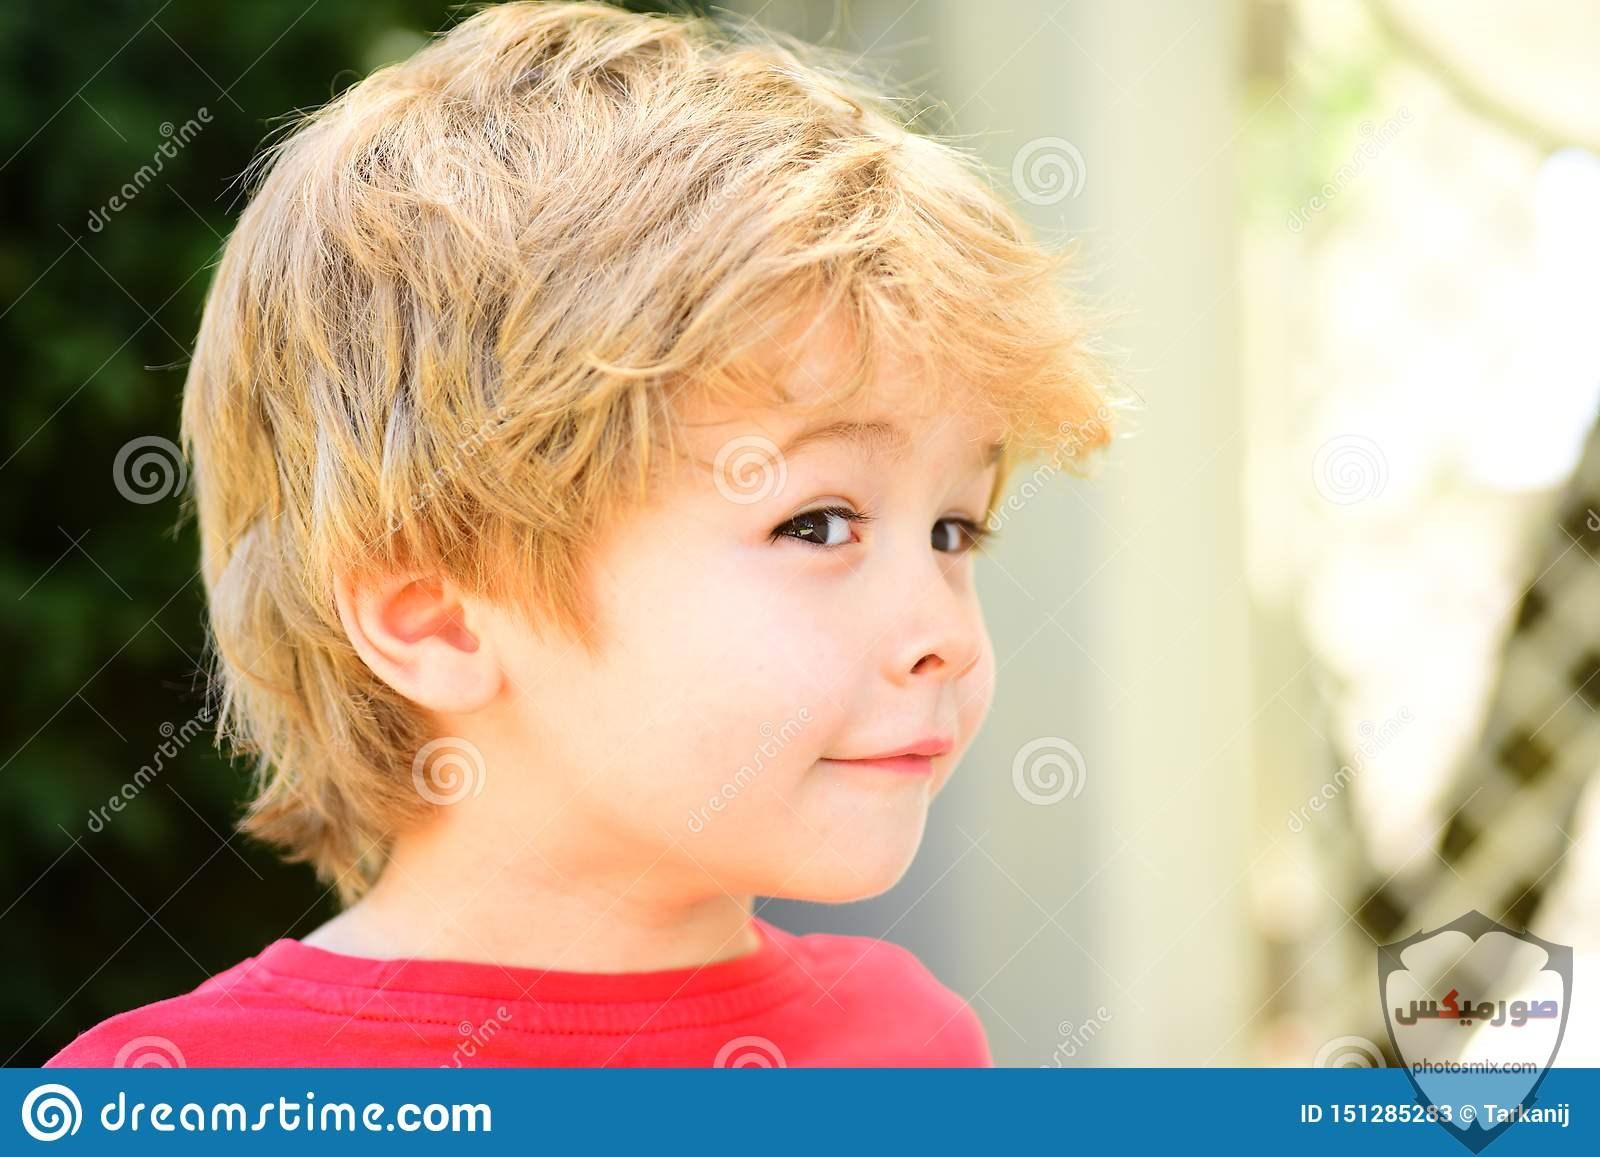 صور اطفال 2021 تحميل اكثر من 100 صور اطفال جميلة صور اطفال روعة 2020 67 1